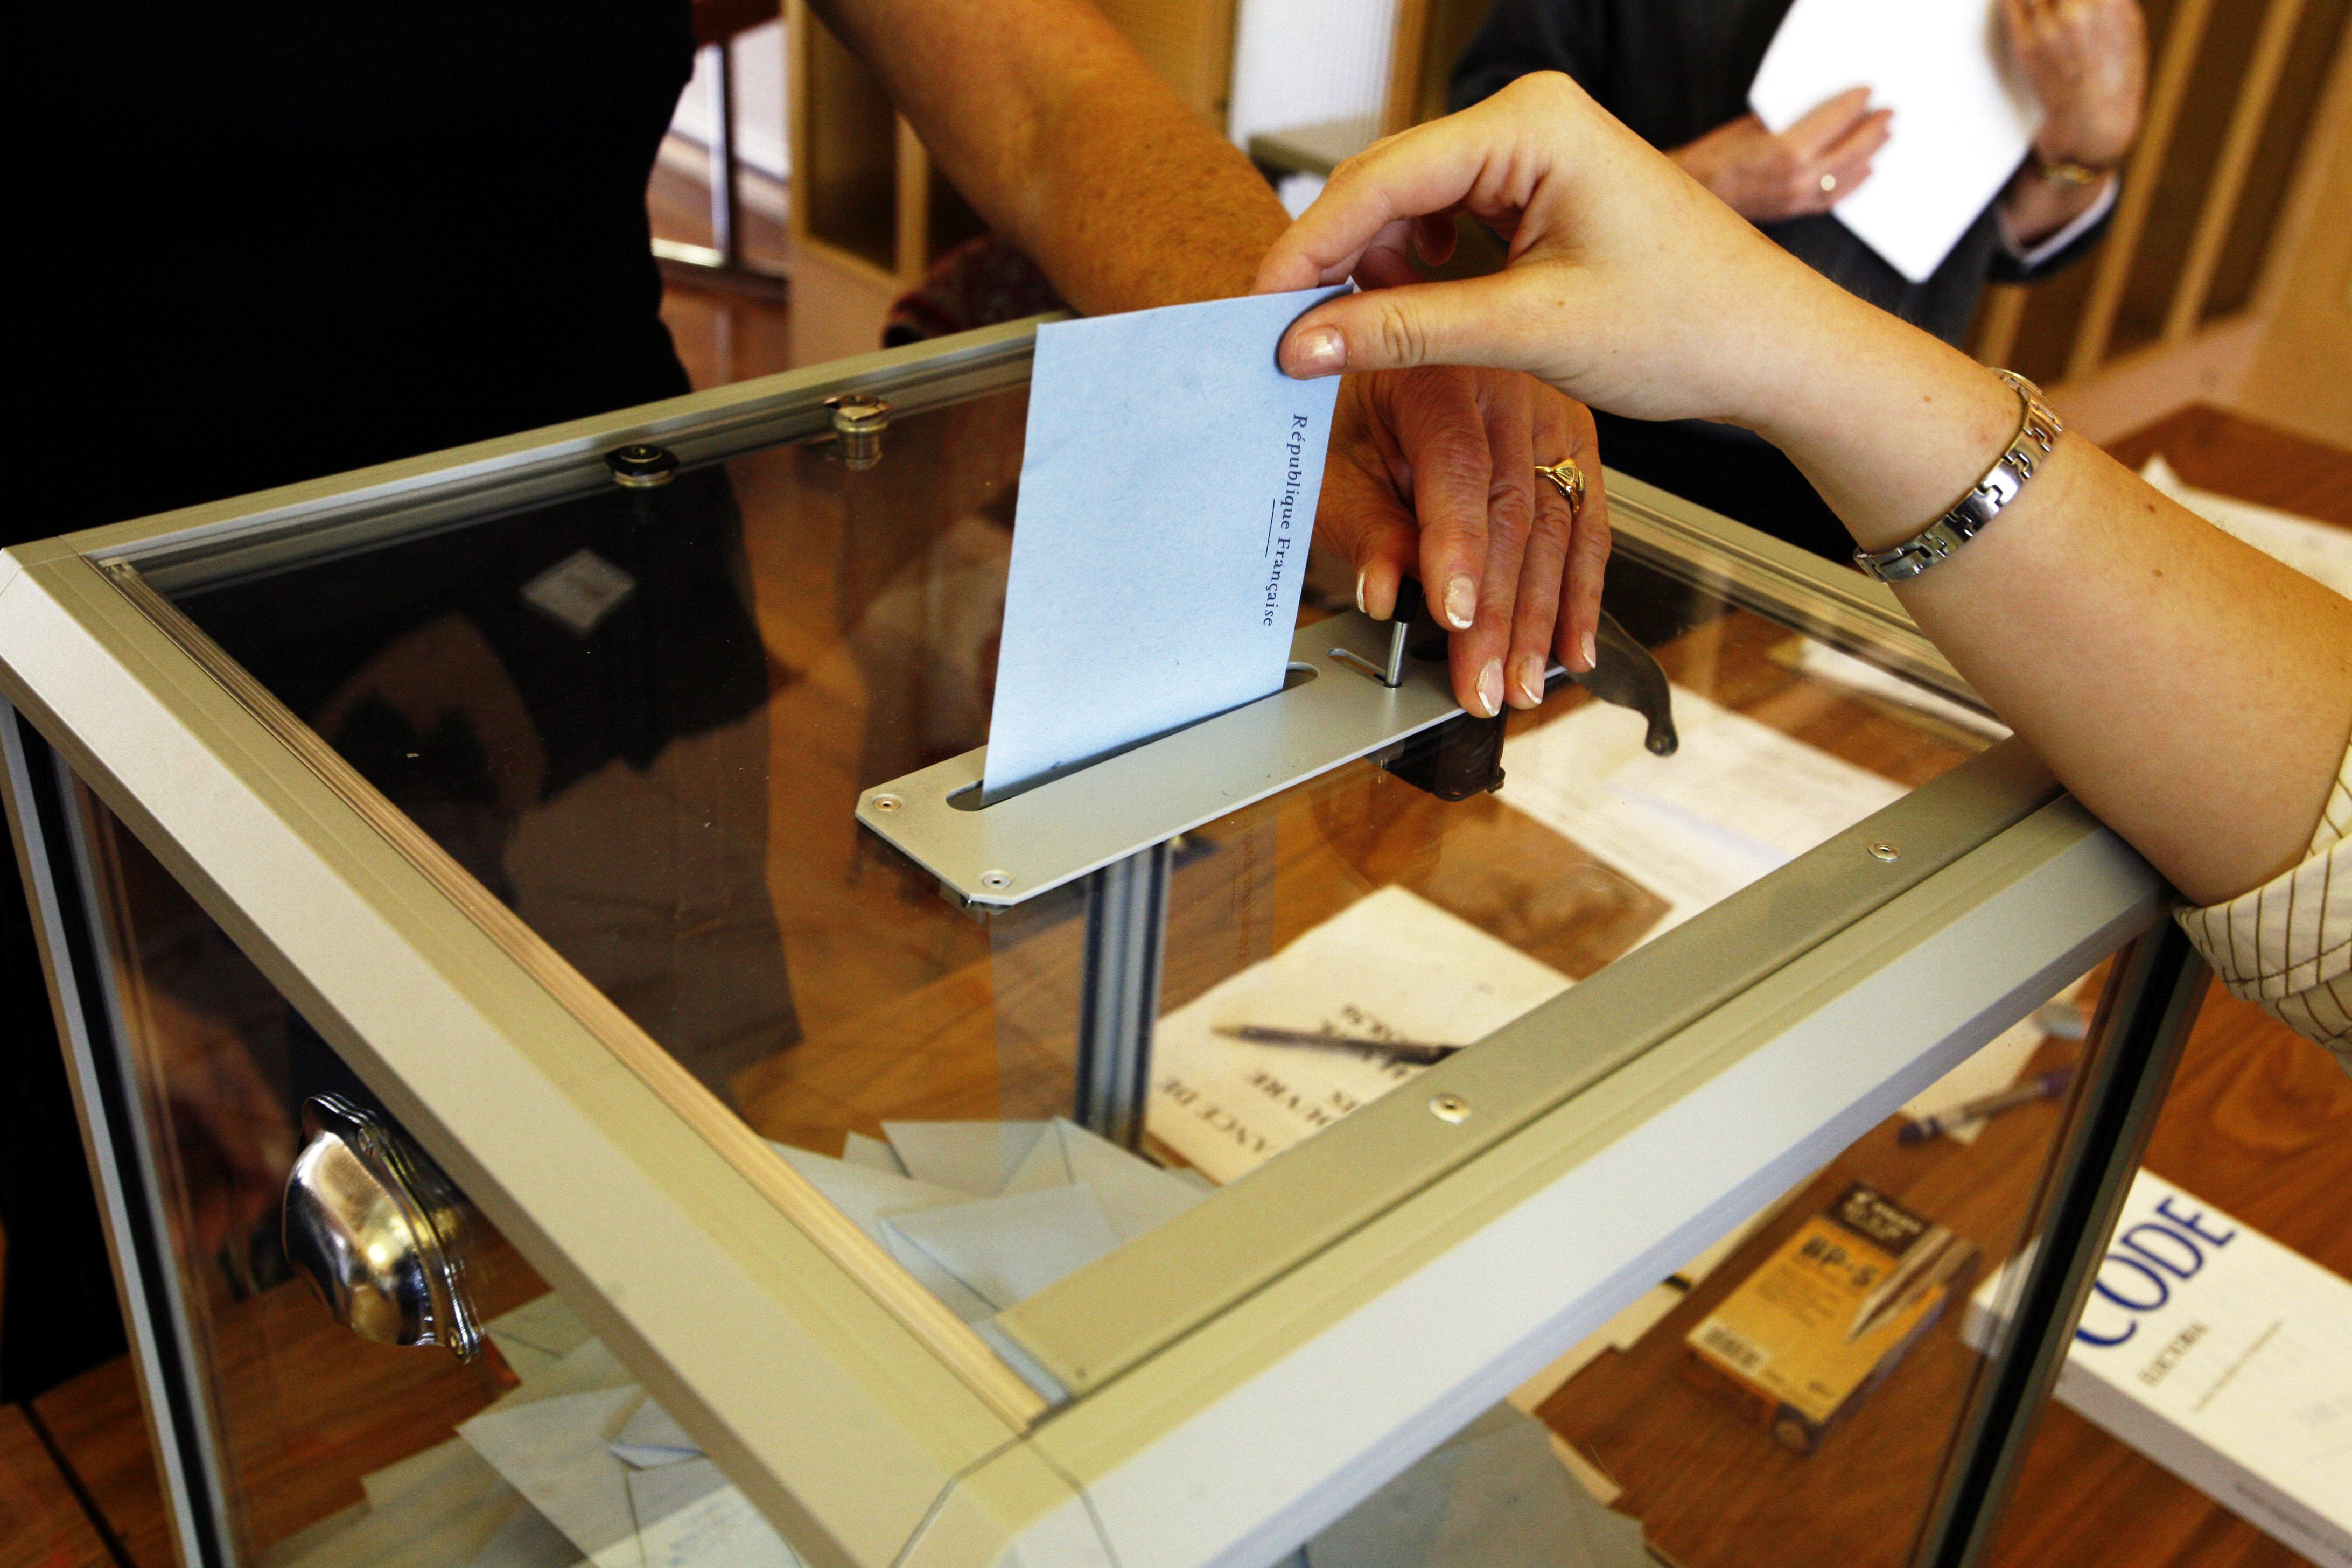 Koliko vrijedi jedan preferencijalni glas na predstojećim izborima?